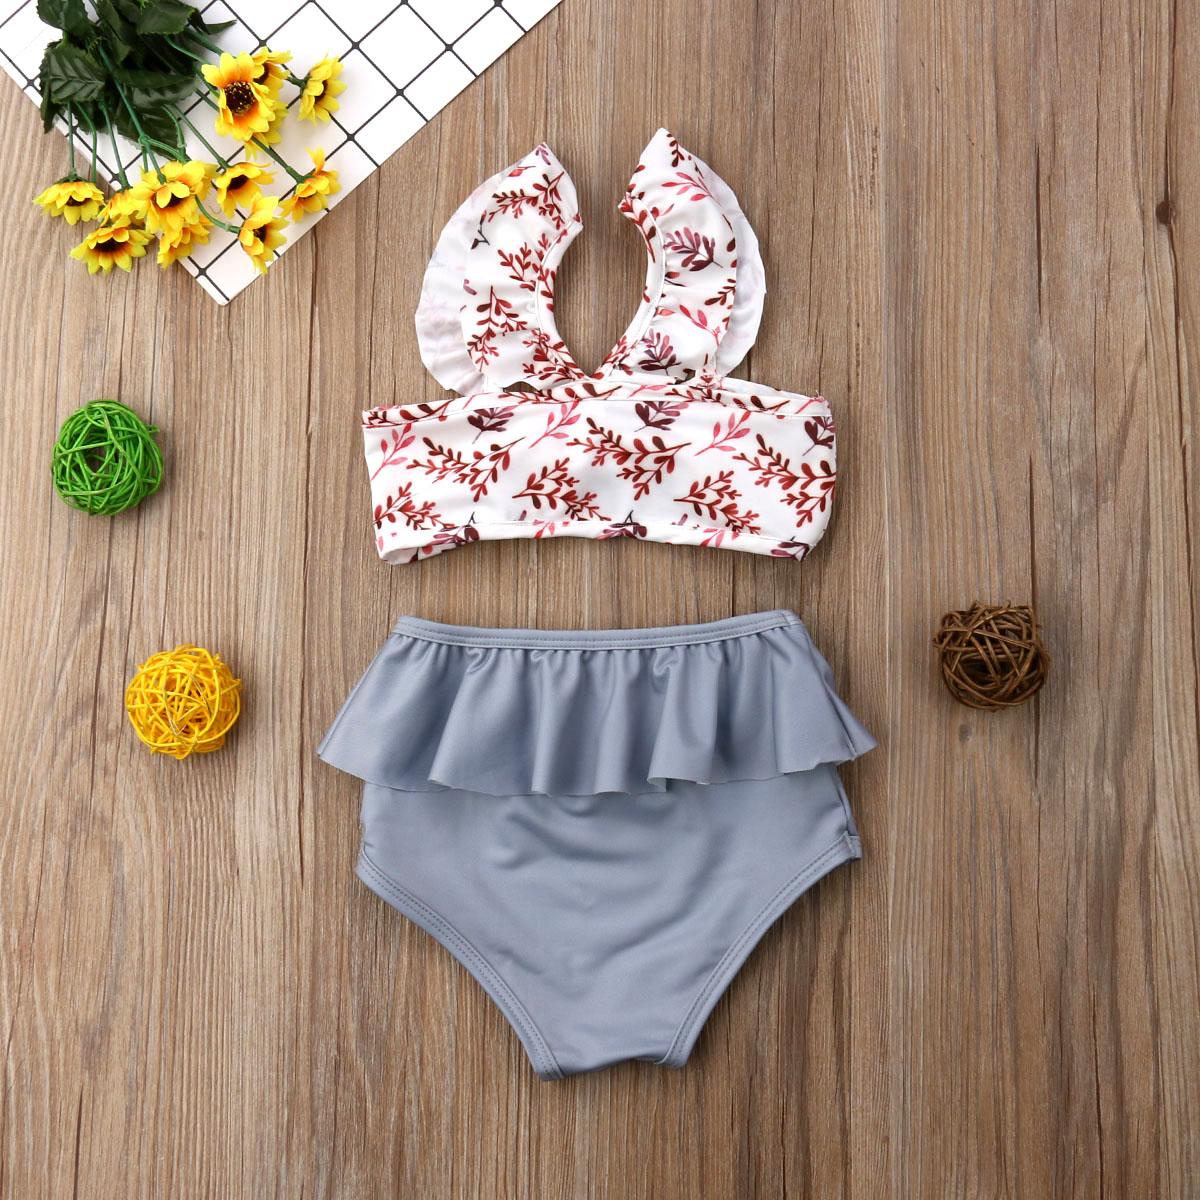 Лидер продаж, комплект из 2 предметов для маленьких девочек, Леопардовый цветочный принт, купальный костюм, бандаж, оборки, детский пляжный л... 21